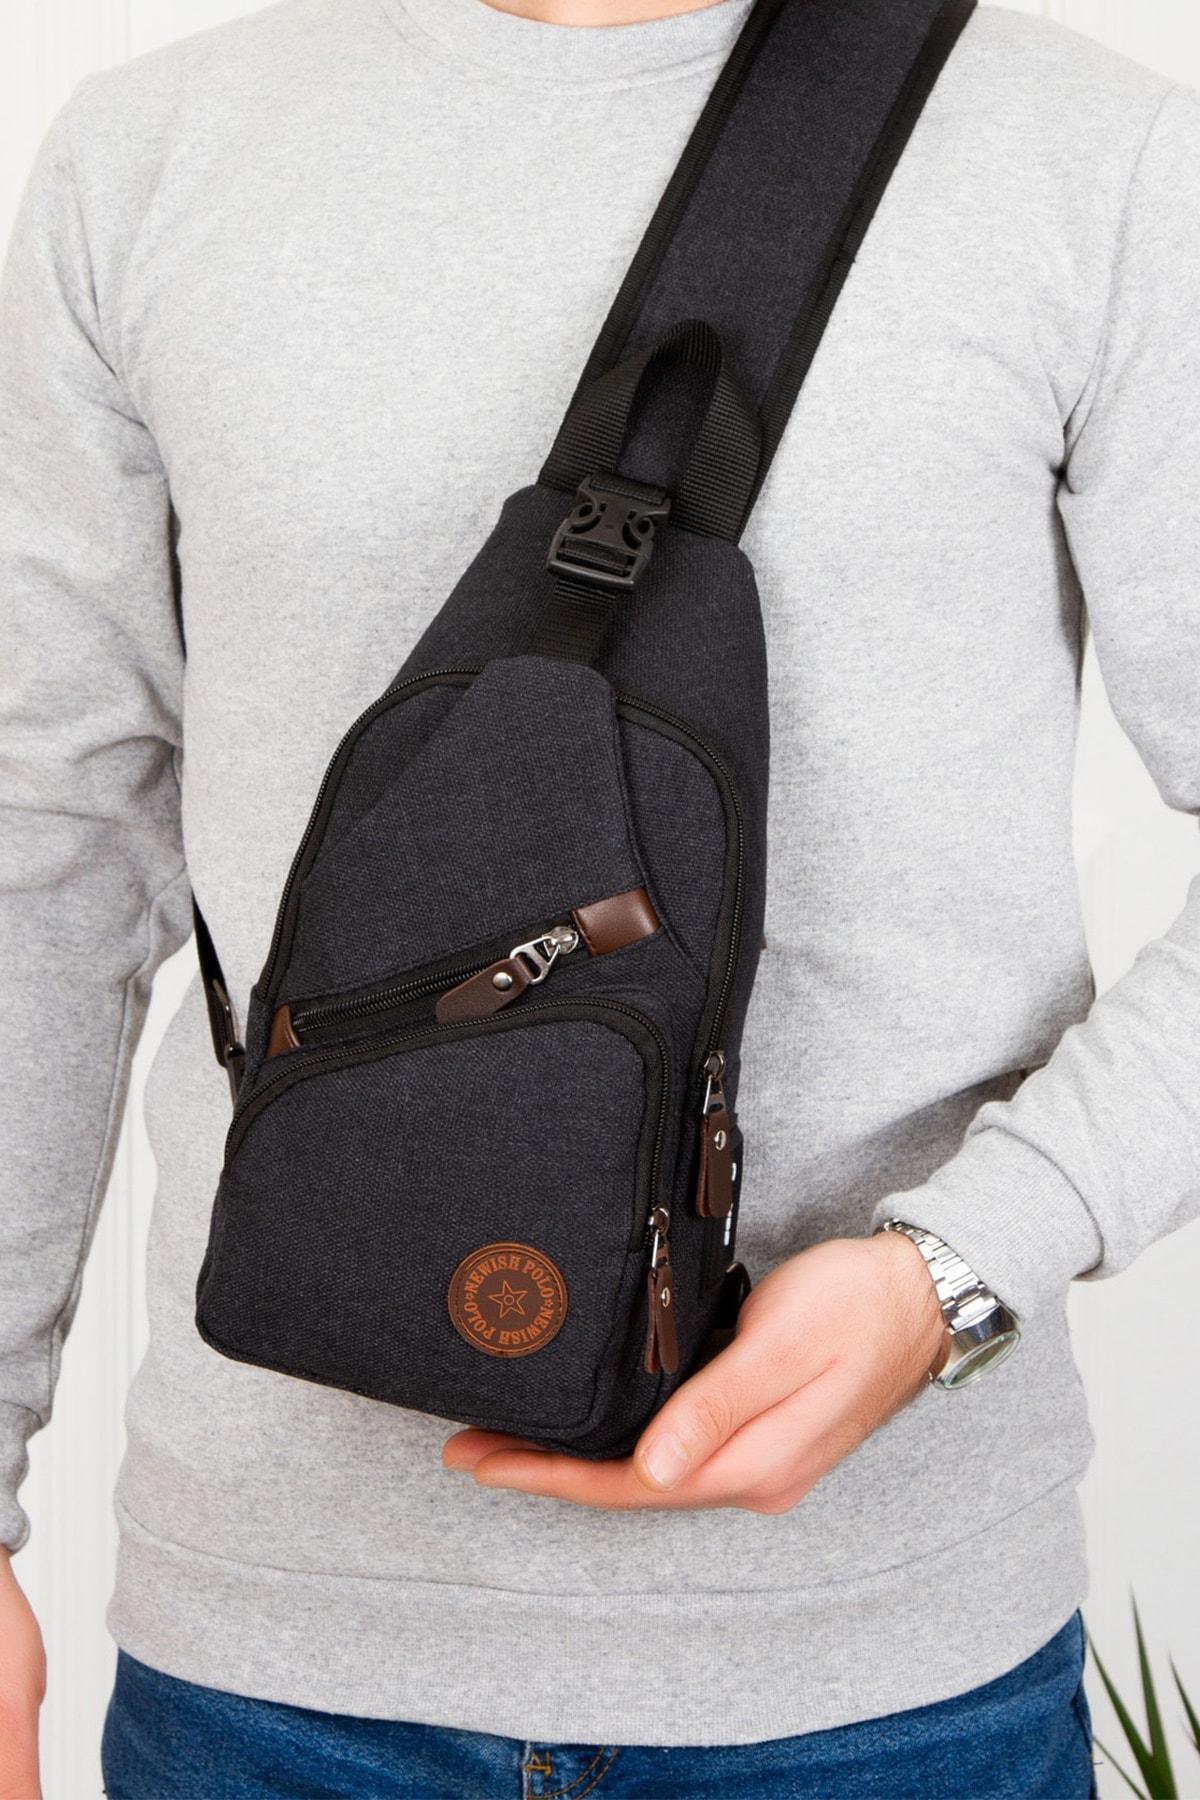 Unisex Kanvas Usb Kulaklık Çıkışlı Çapraz Askılı Bel Omuz Çanta Göğüs Bodybag